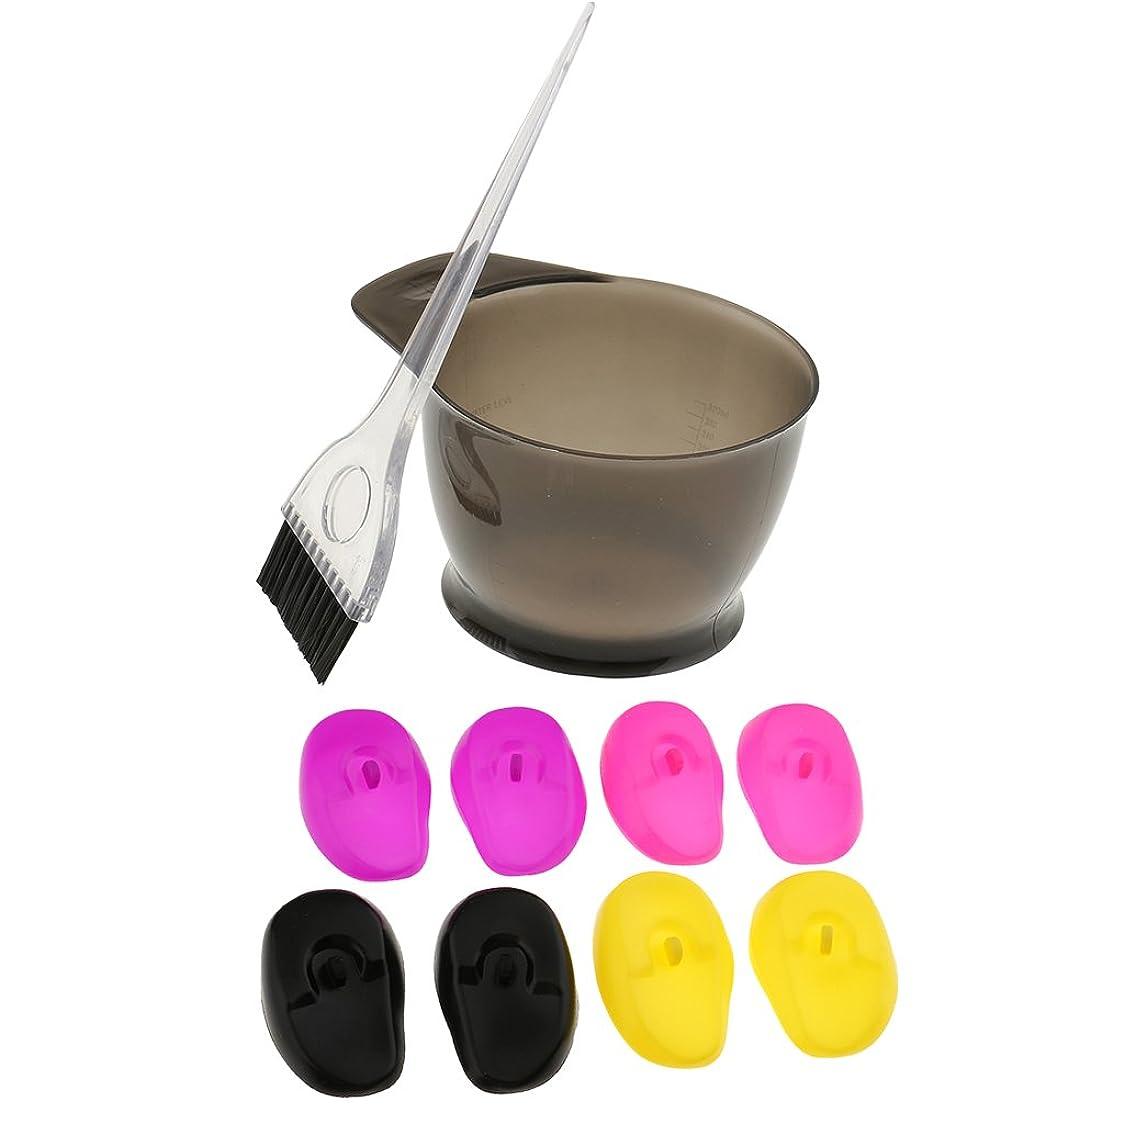 がっかりするバナー理想的にはSONONIA ヘアカラー 髪染めセット 美容院工具 再利用可能 ブリーチツール 染料ボウル シリコン ブラシティント 耳カバー(4ペア)